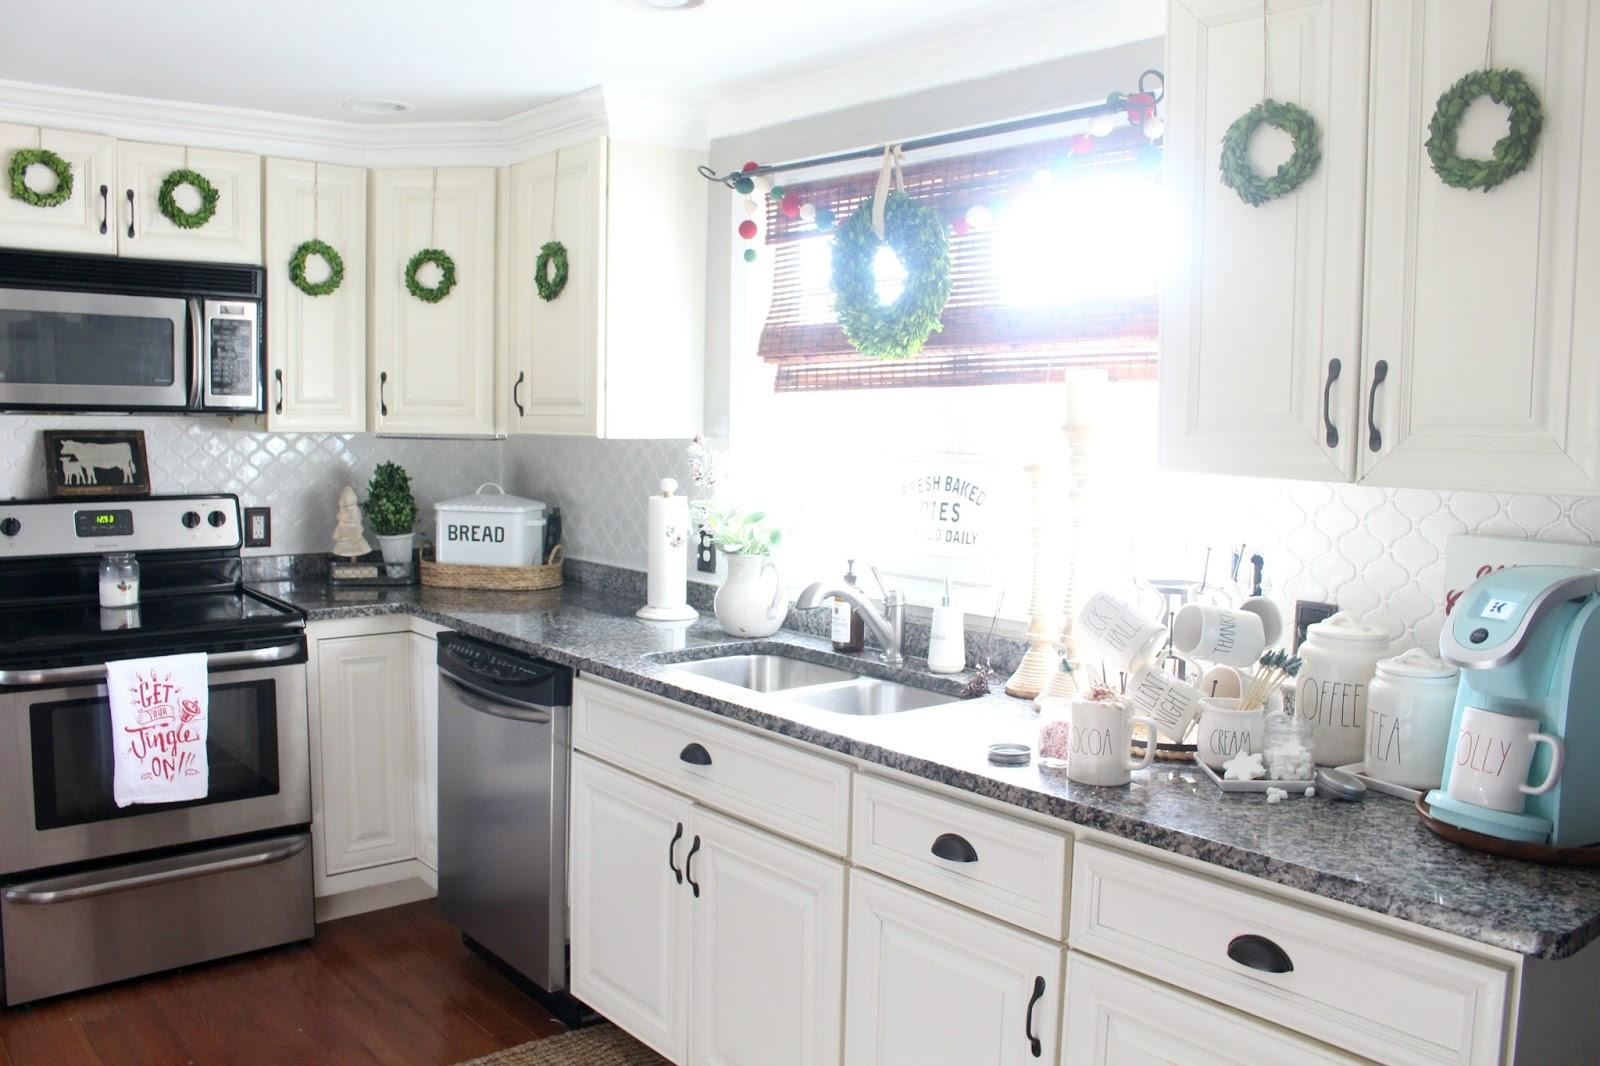 Cozy Christmas Cottage Kitchen Tour - The Glam Farmhouse